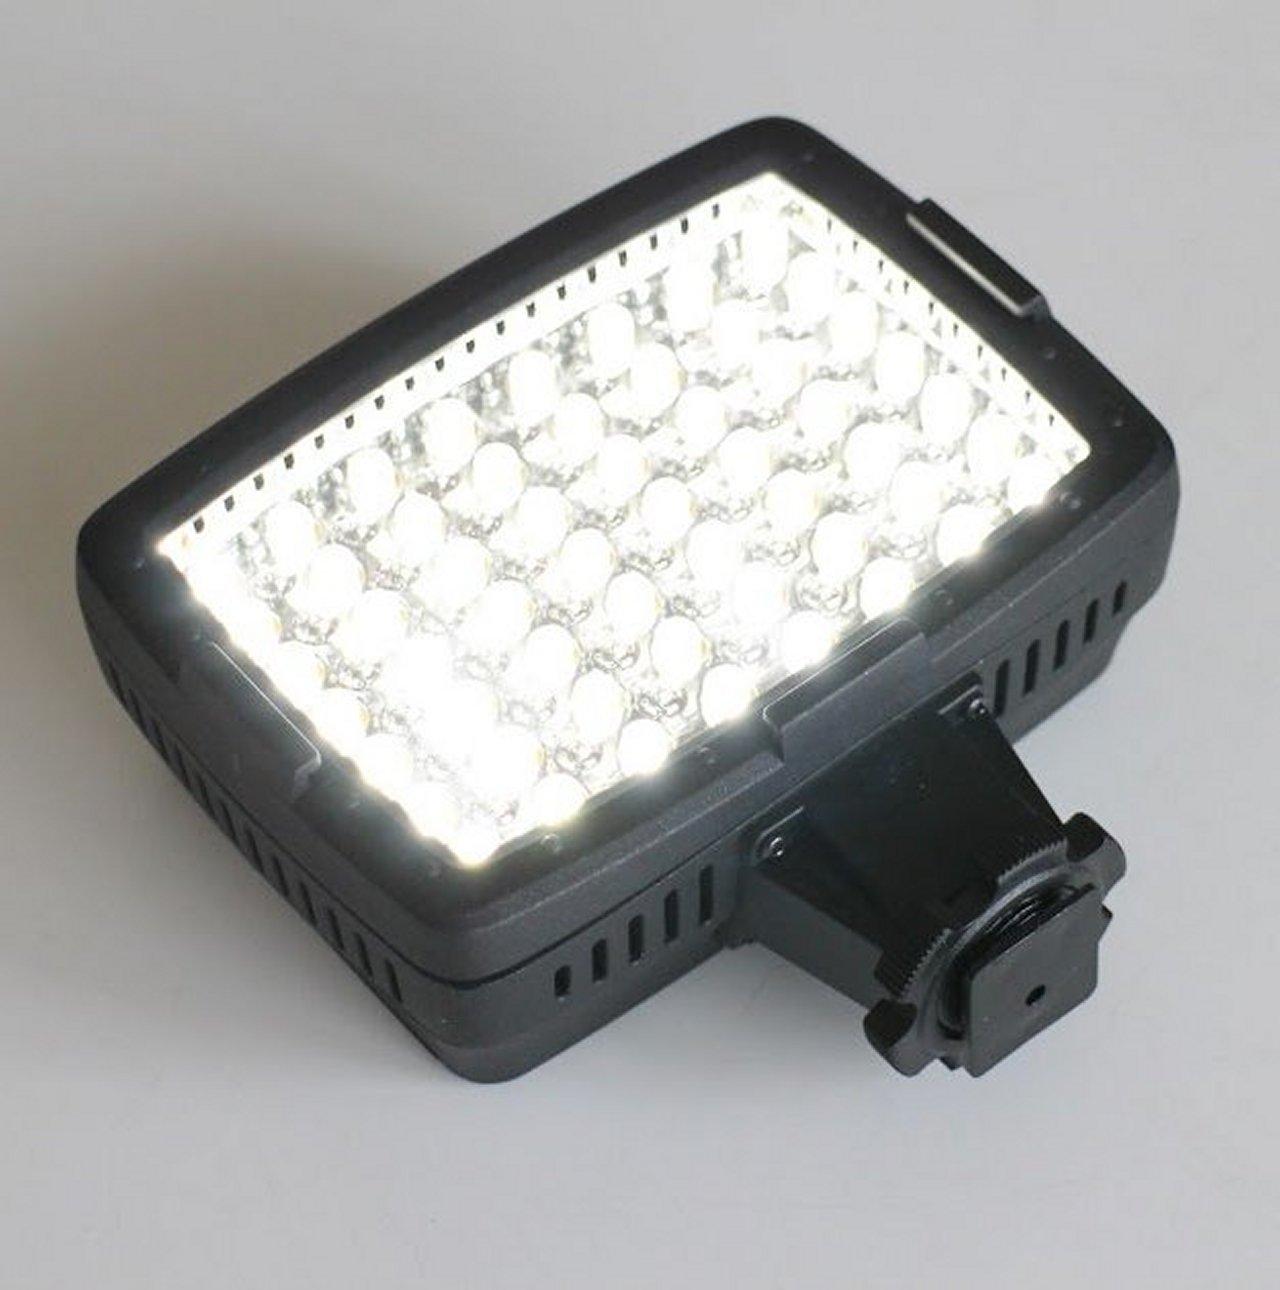 一気に光る56個の白色LEDは眩しすぎて裸眼では見てられないほどの明るさだ